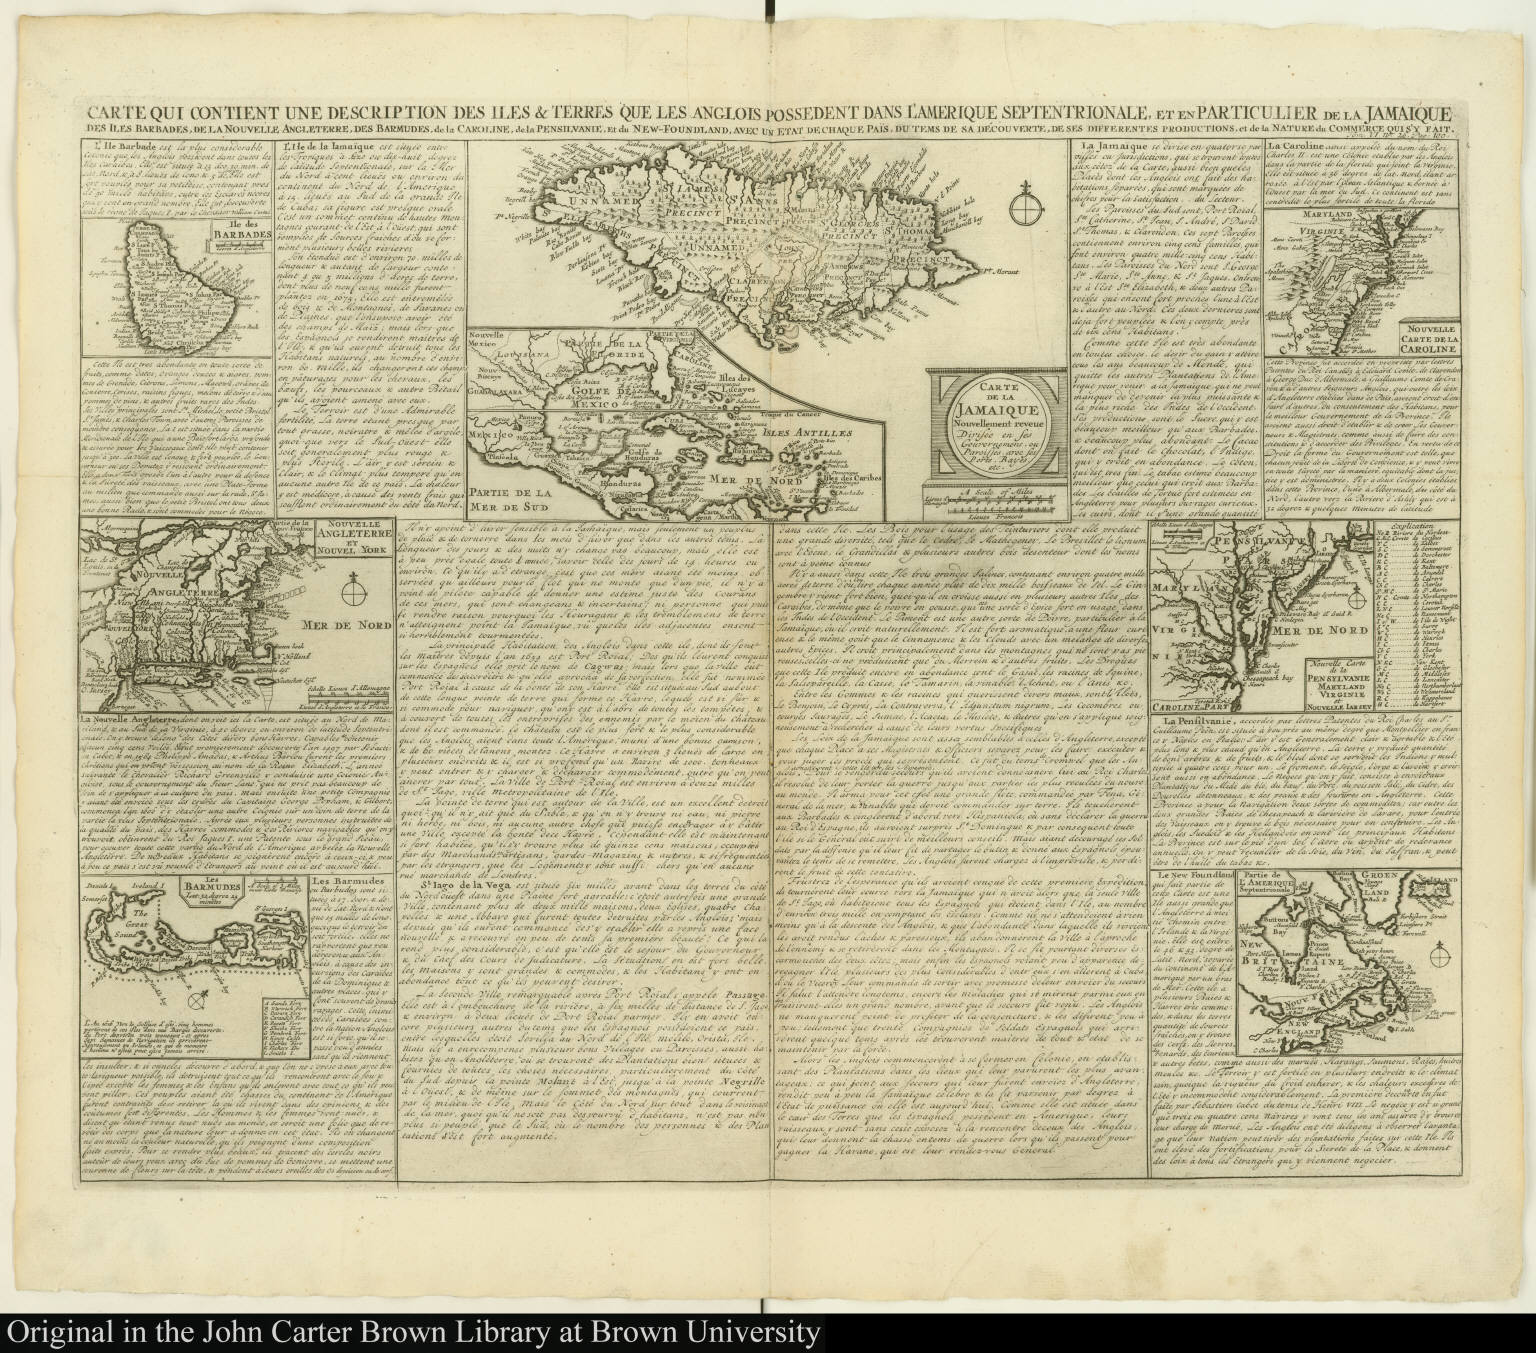 Anglois carte qui contient une description des iles & terres que les